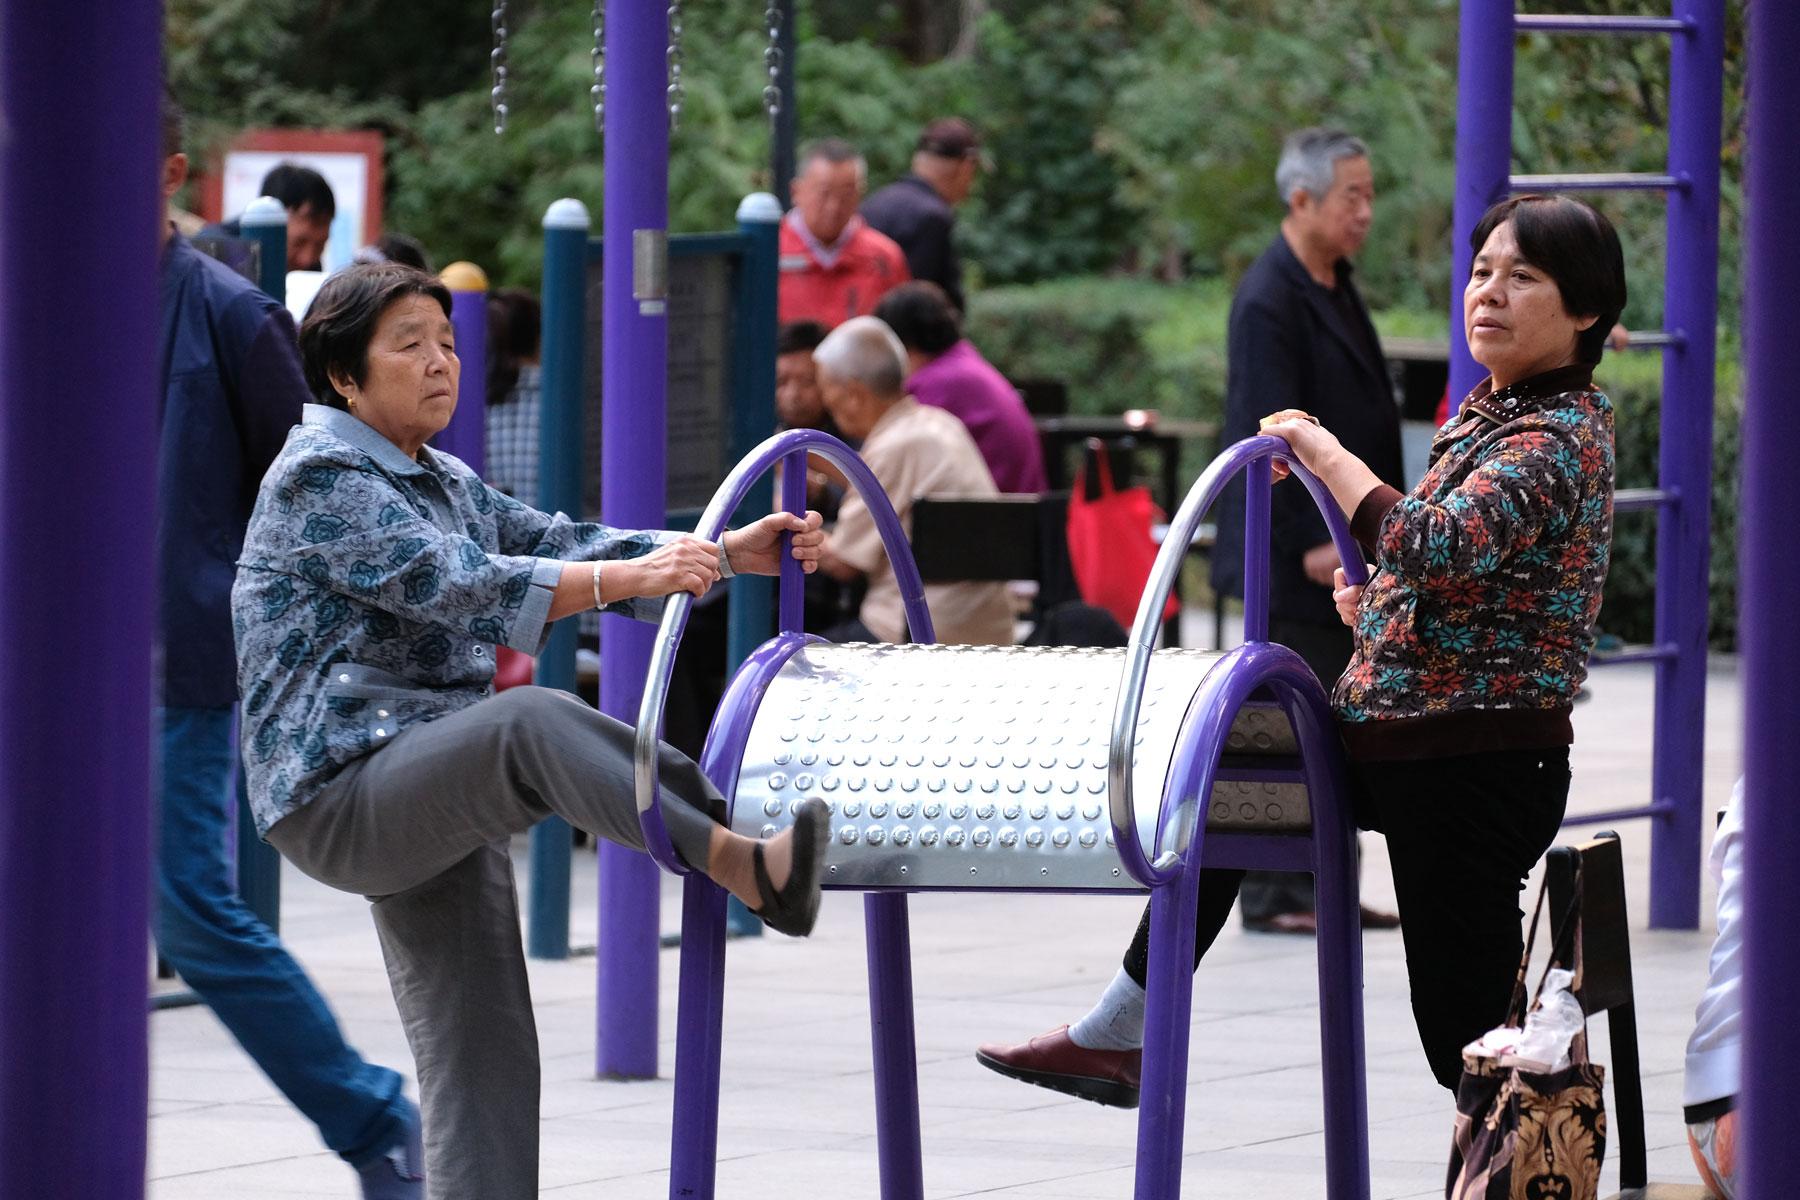 Der Park bietet alles: Sportgeräte für interessante Dehnübungen...